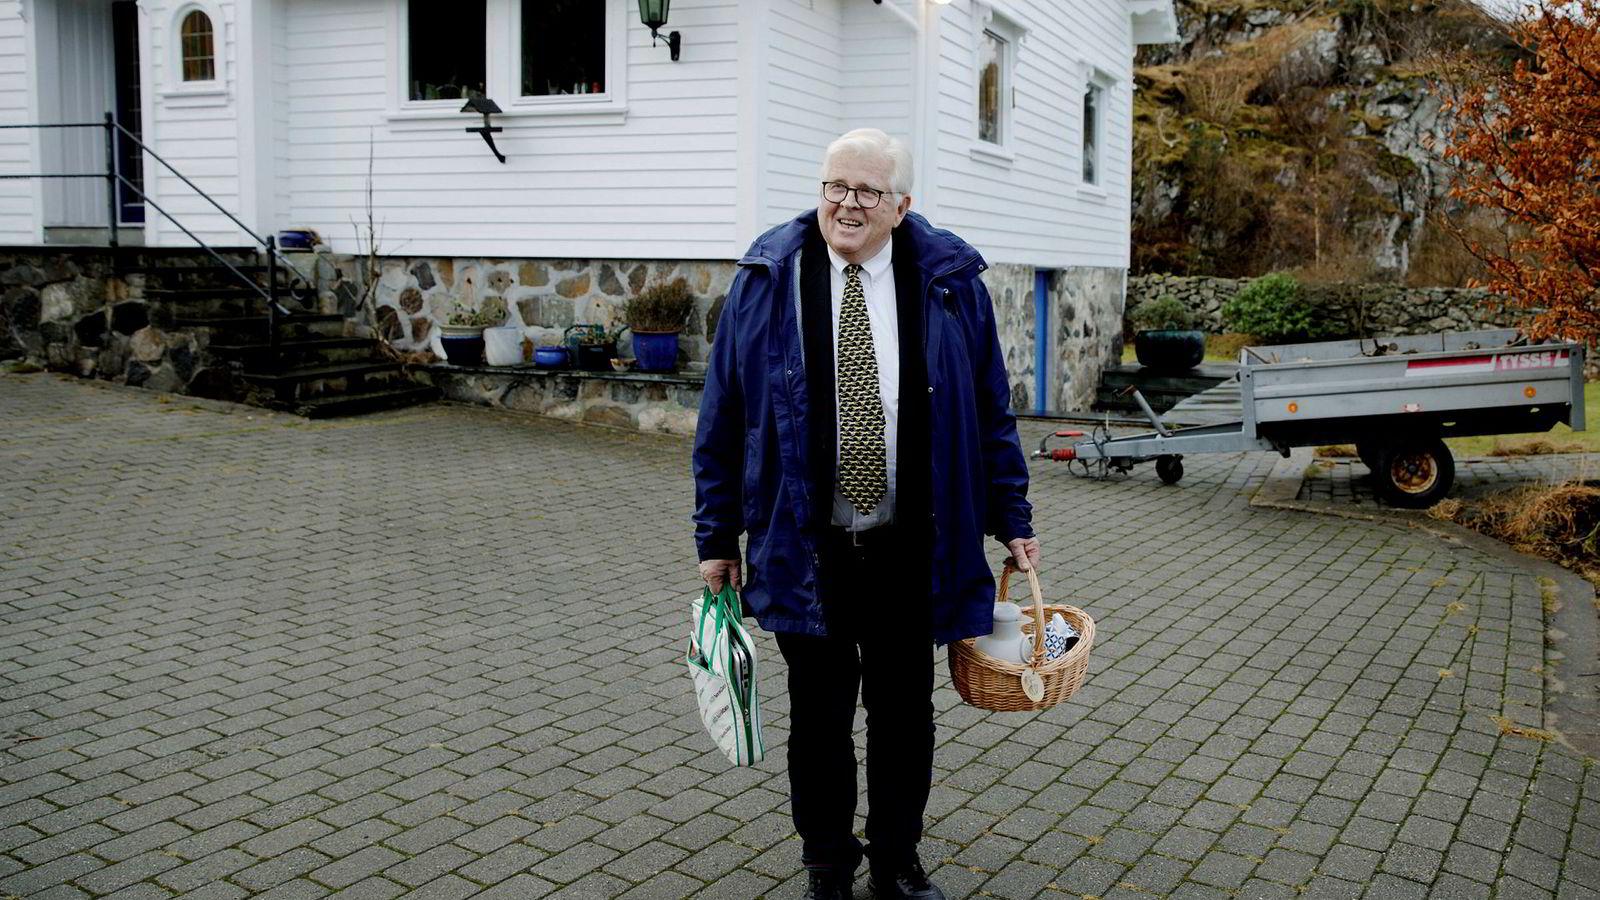 – Vi leter nå etter partnere og investorer både i Kina og i Norge. Vi er spesielt ute etter rike enker med mye penger, sier den pensjonerte kapteinen Hallvard Stenevik (72) som nå er i ferd med å slå seg opp som cruiseskipsreder.